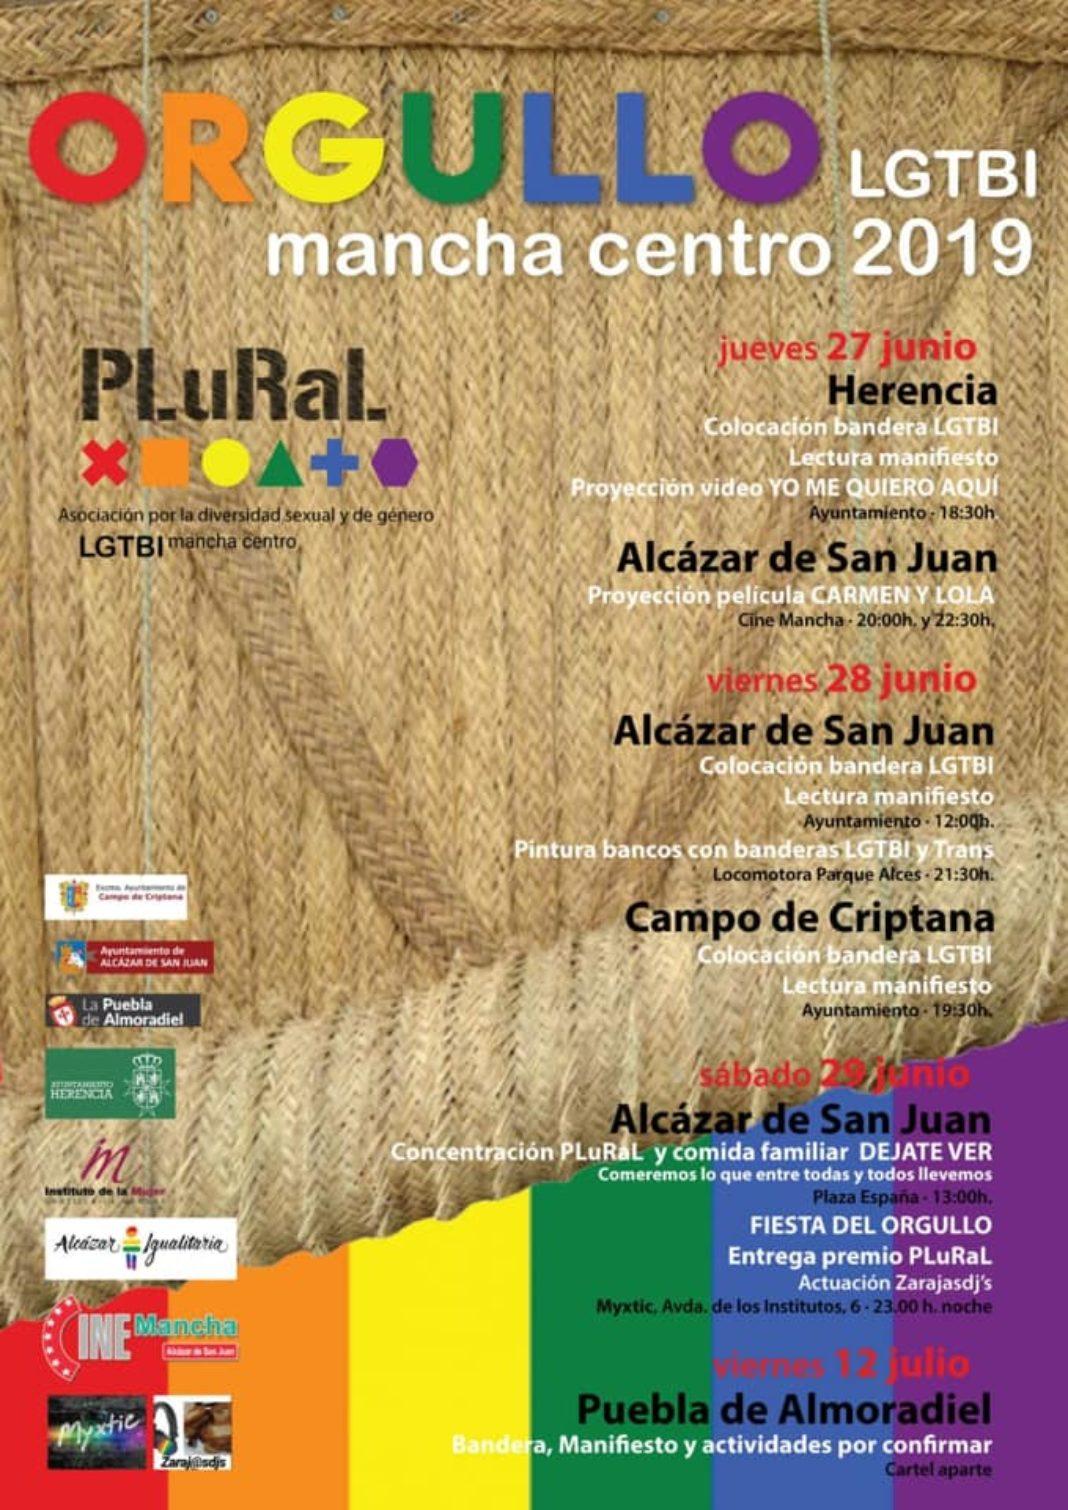 La bandera del Orgullo LGTBI ondeará en el ayuntamiento de Herencia 4